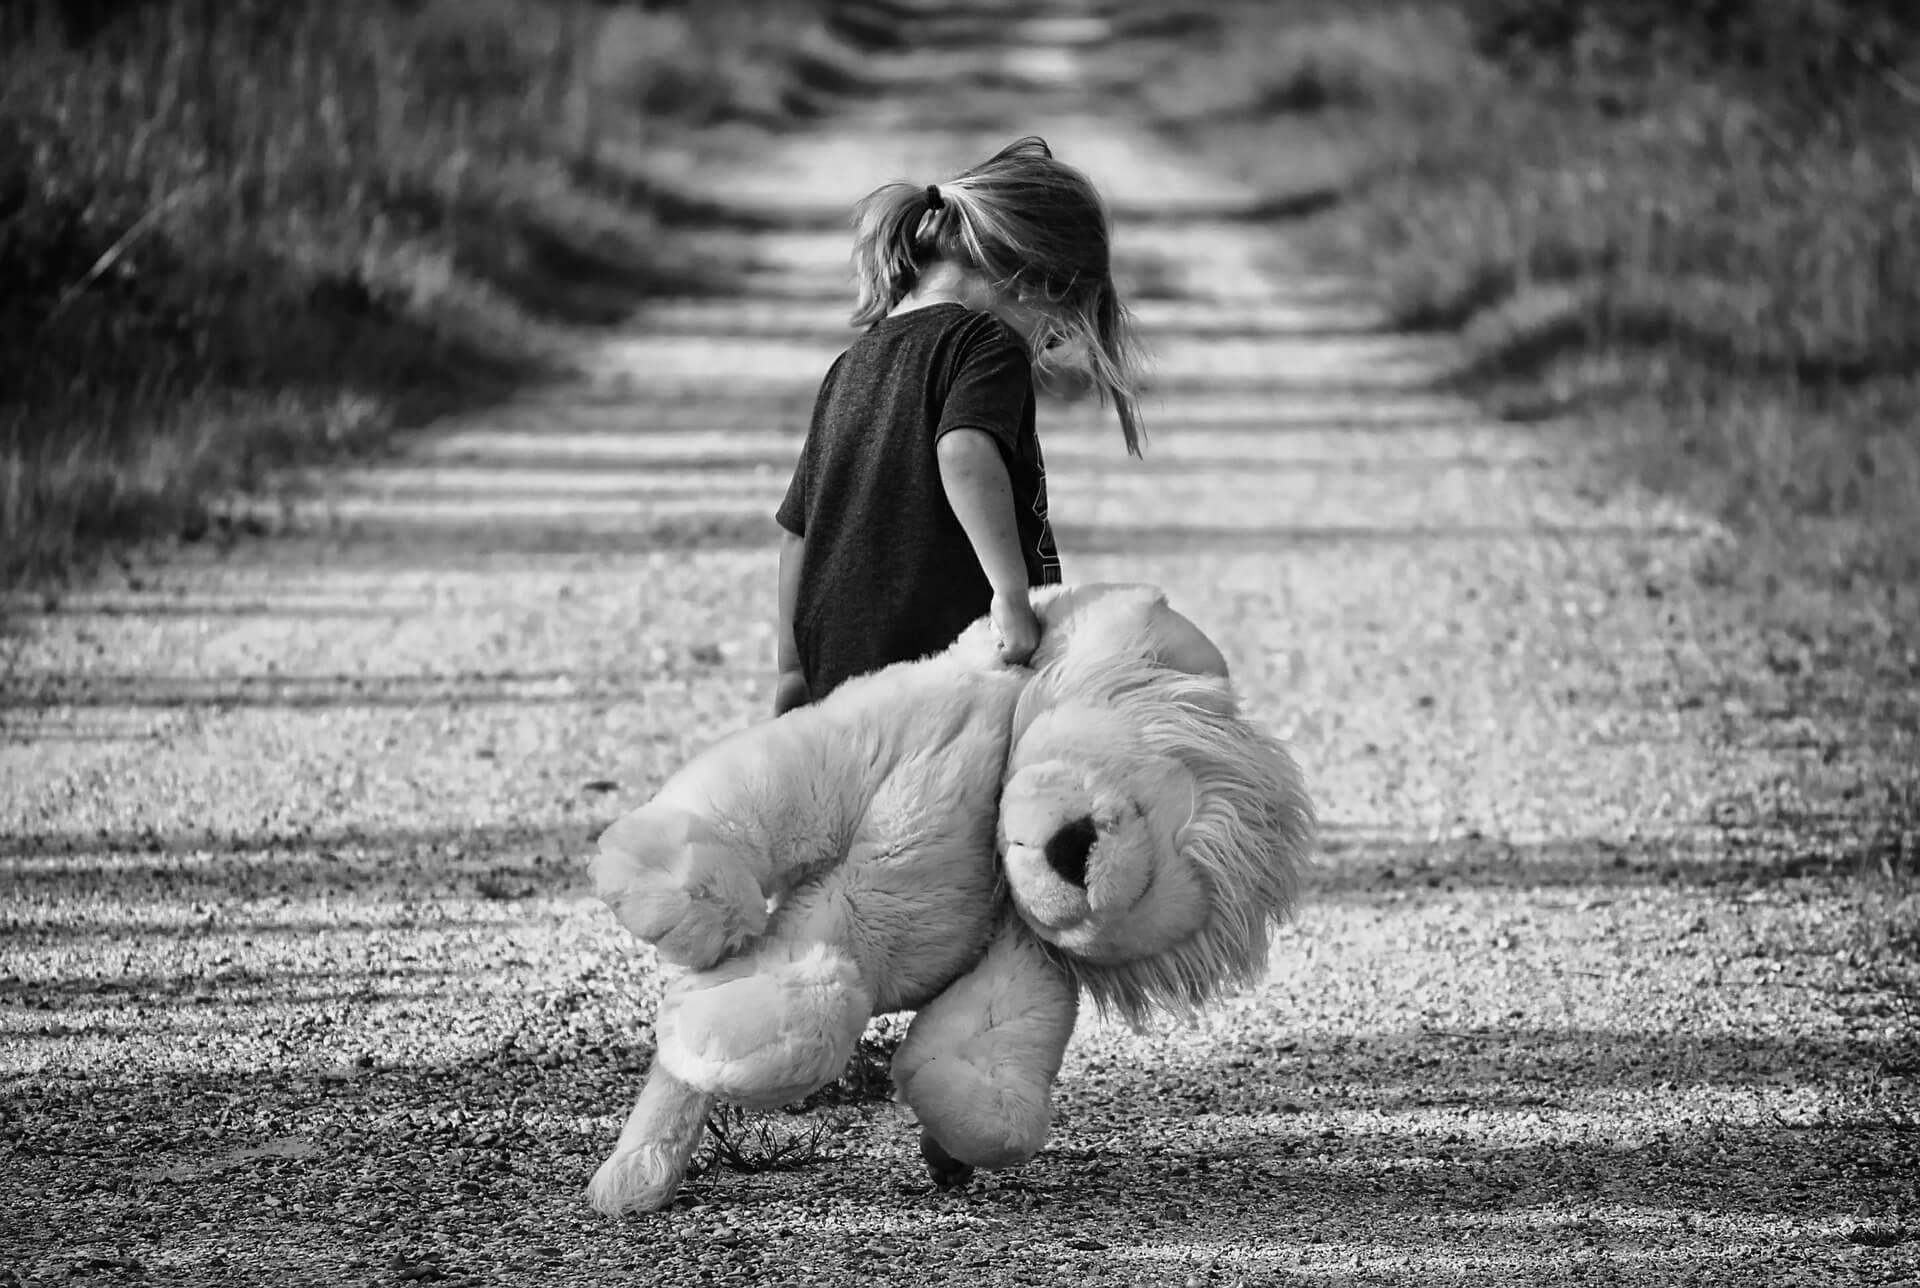 Kinder Brauchen Keinen Trost Sondern Etwas Viel Wichtigeres